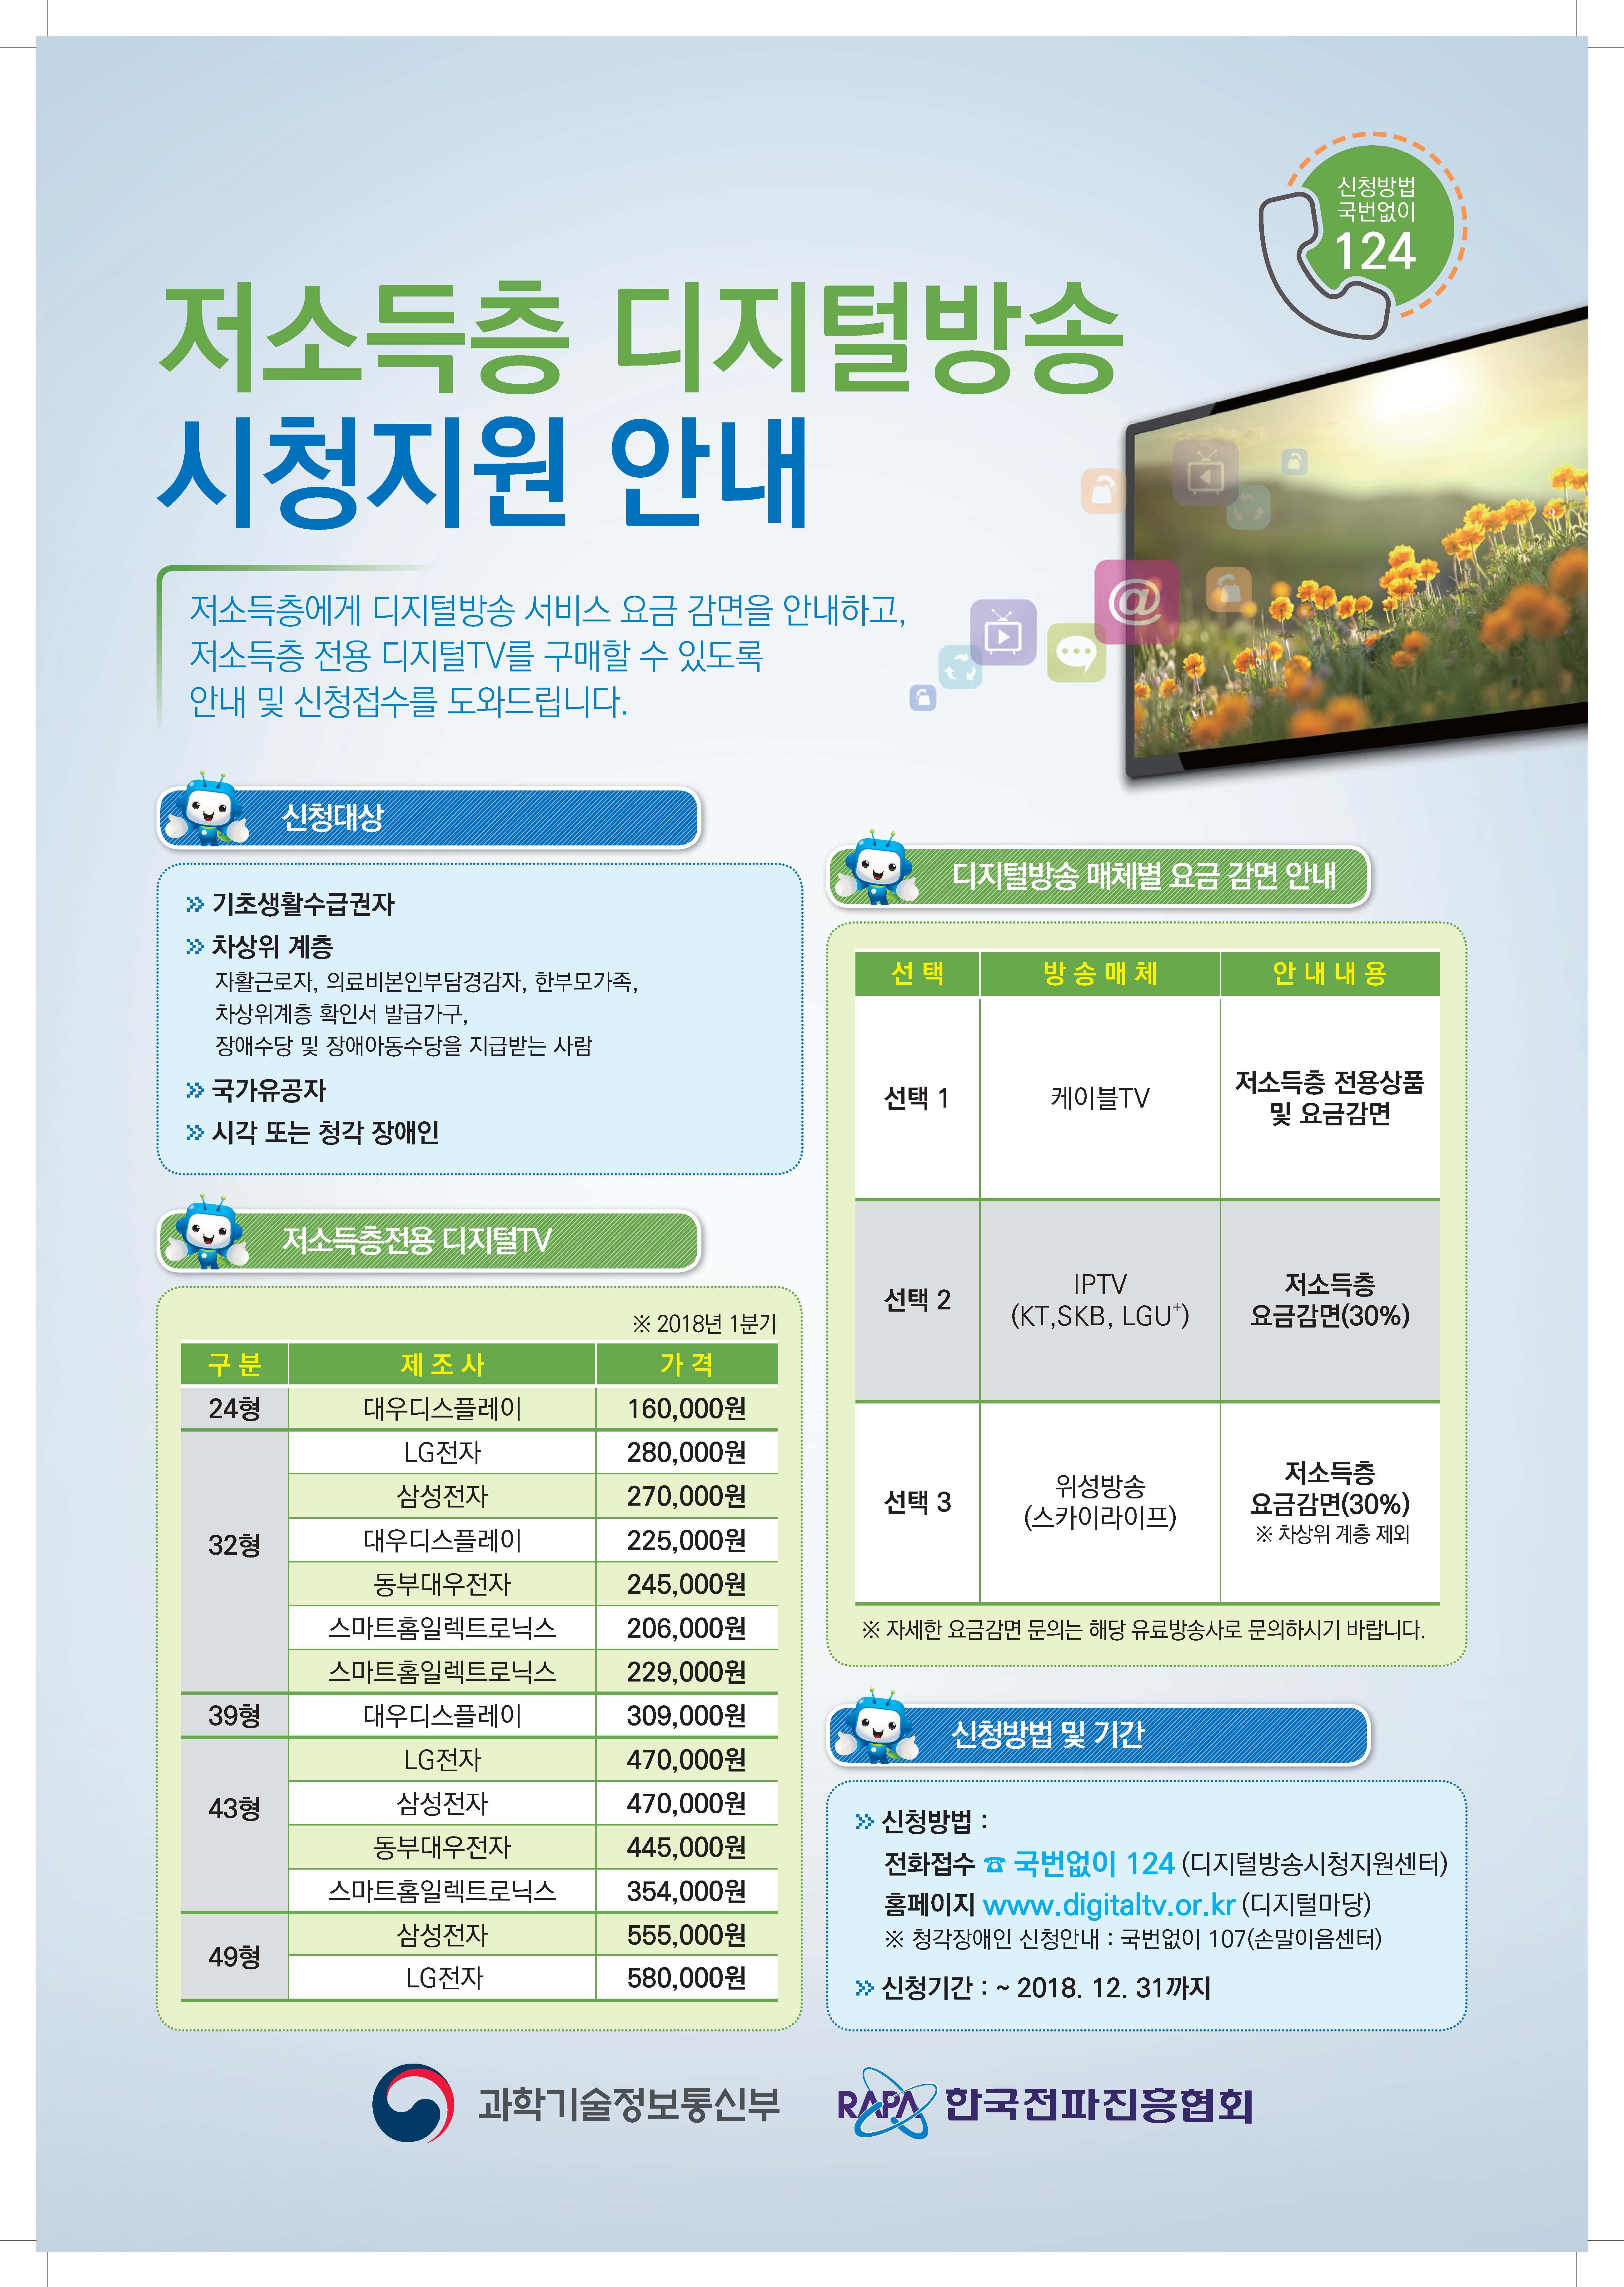 디지털방송시청지원 포스터('18년 1분기) (1).jpg